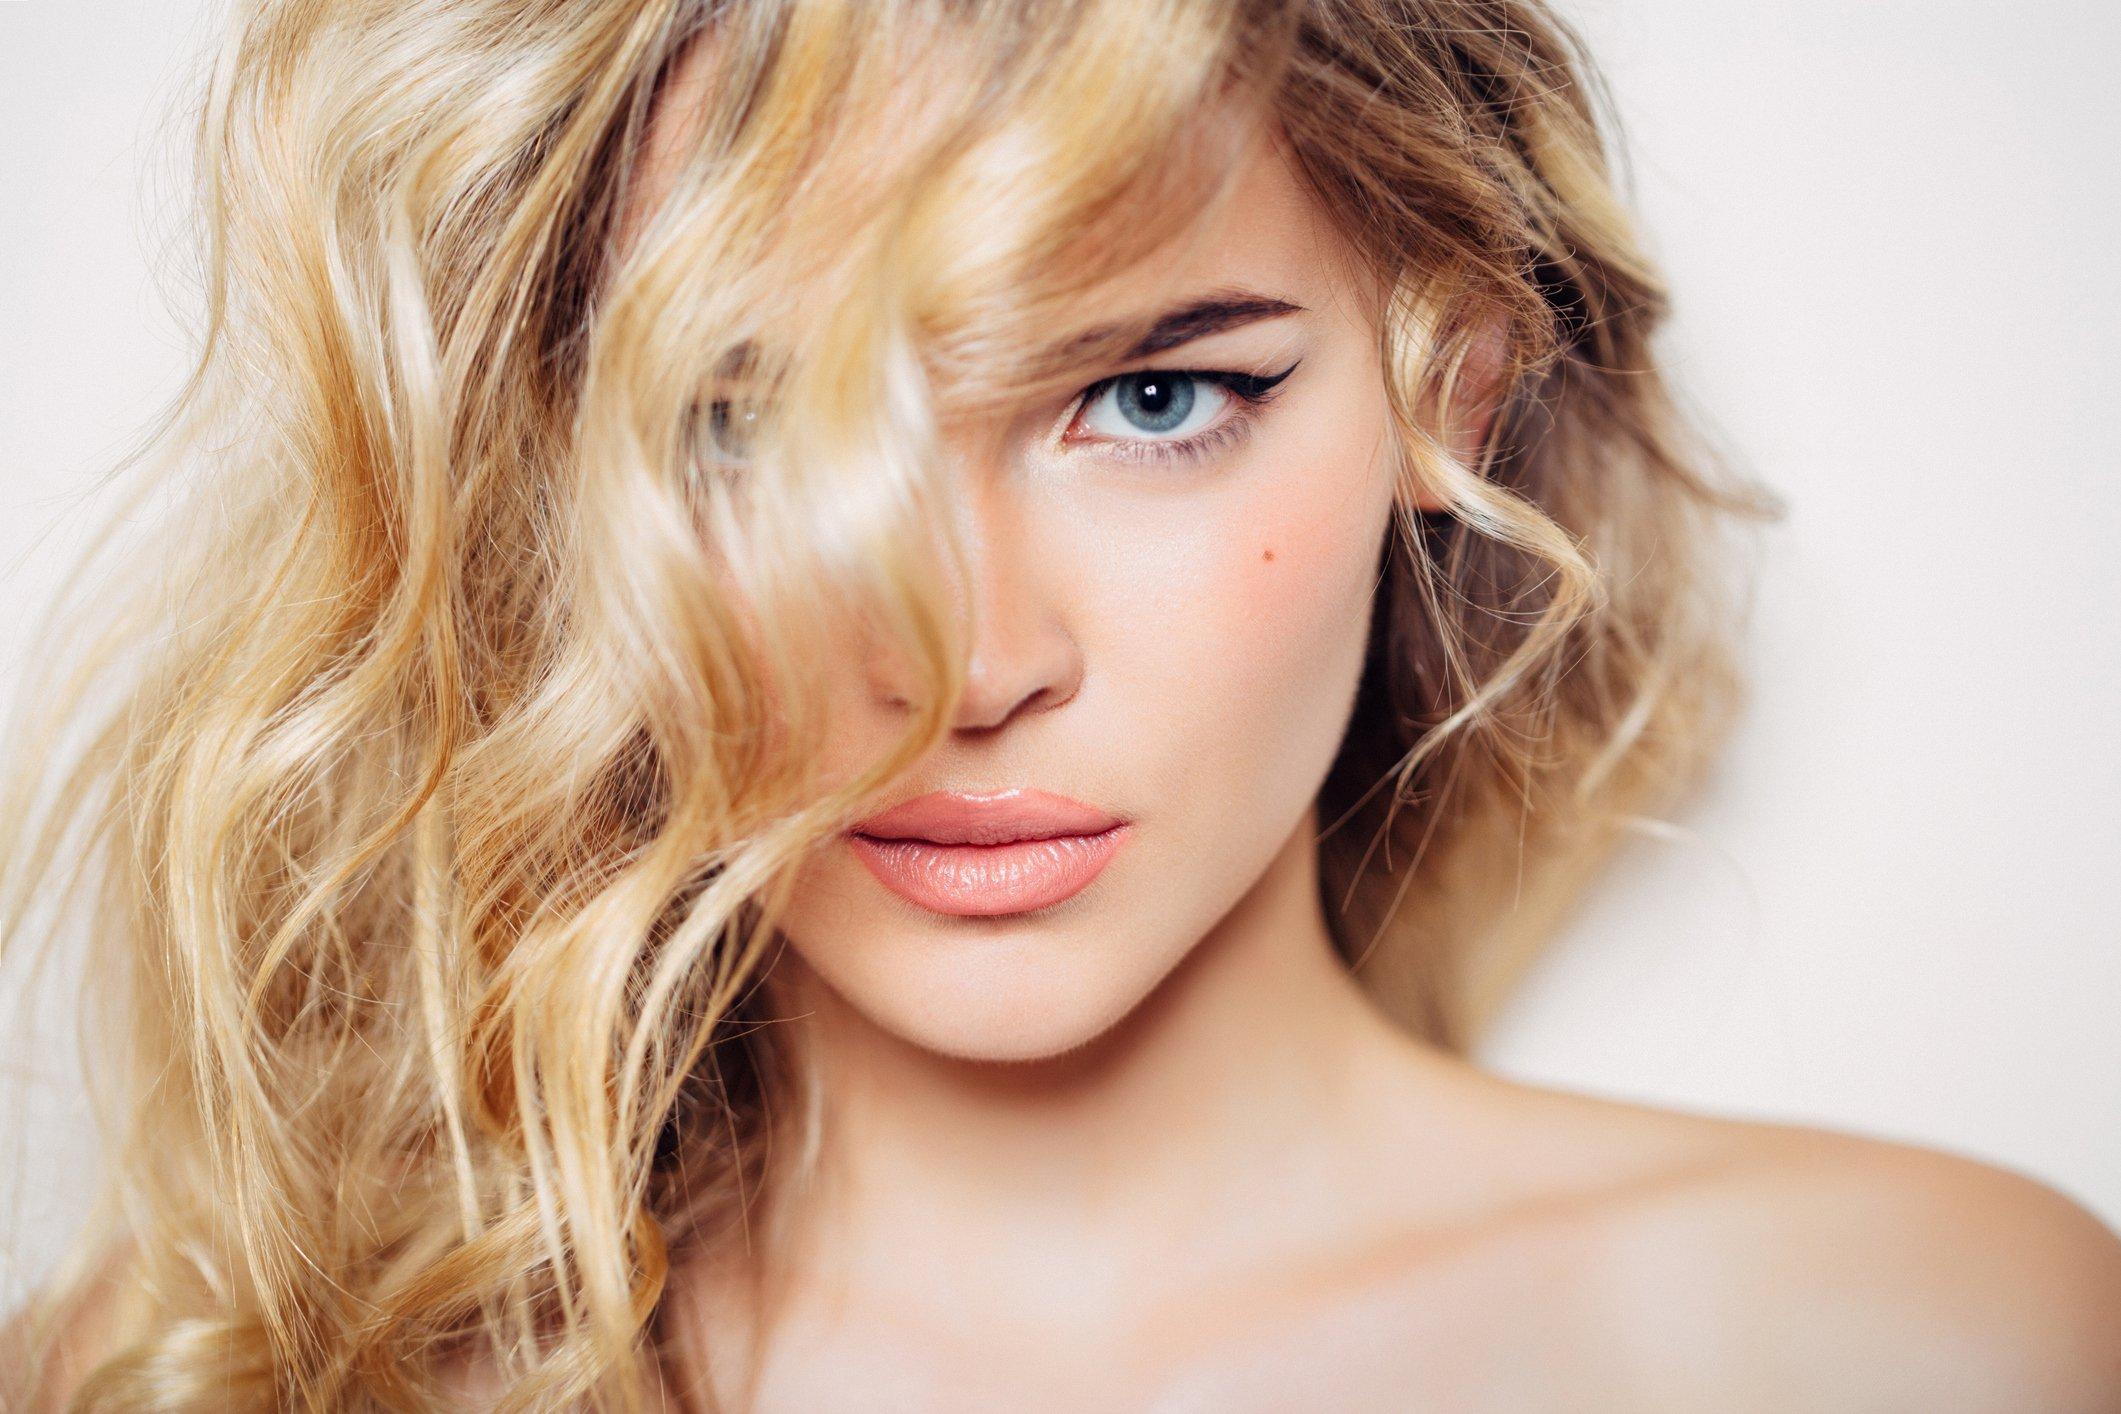 Photo shot of young beautiful woman